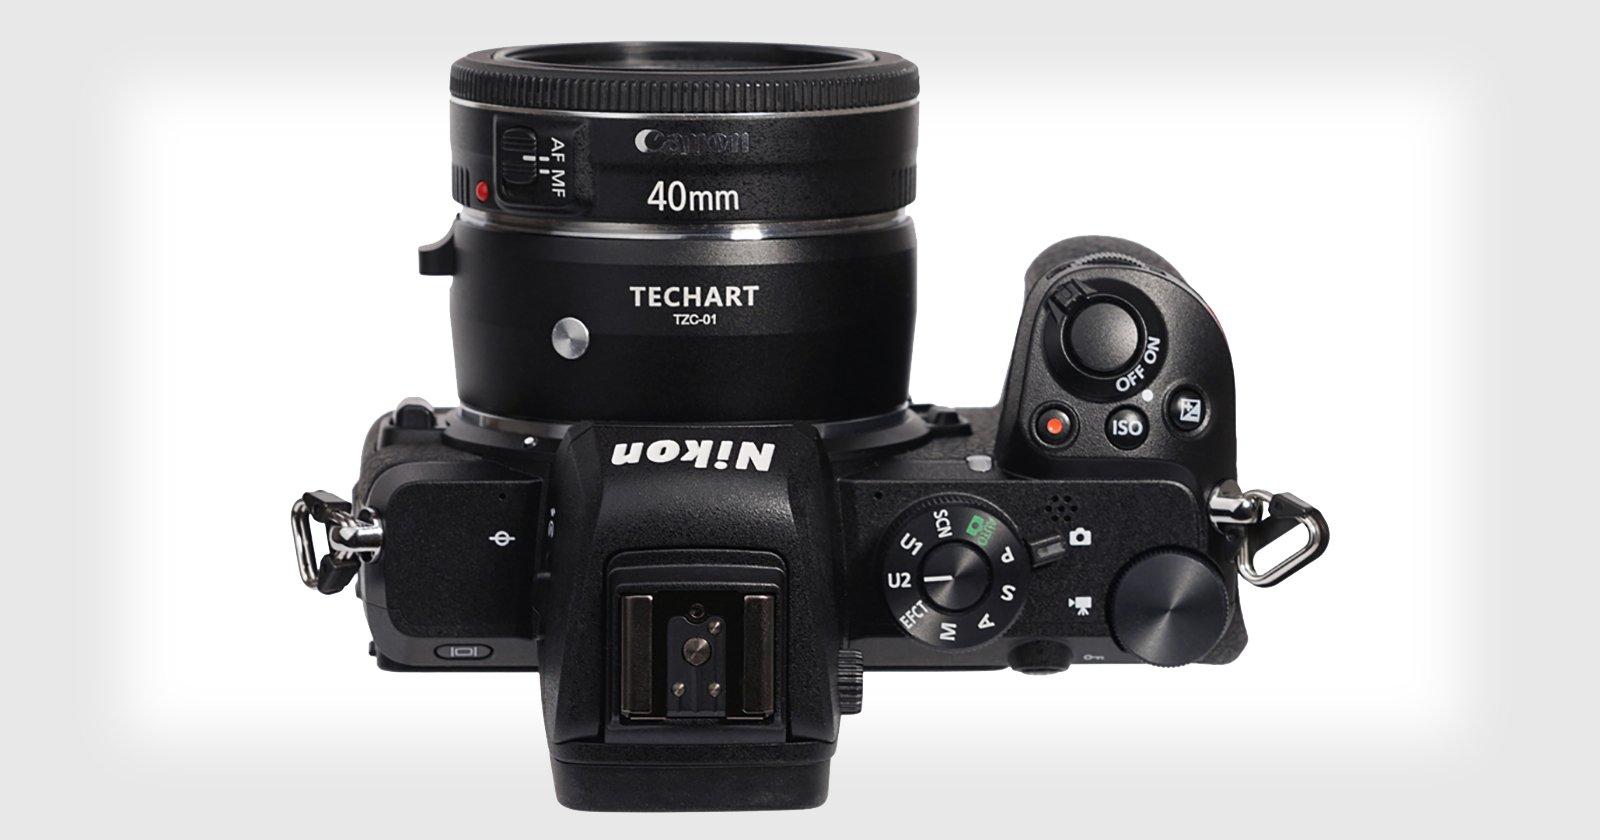 El nuevo adaptador EF-to-Z de Techart te permite usar lentes de Canon en cámaras Nikon con AF y estabilización total